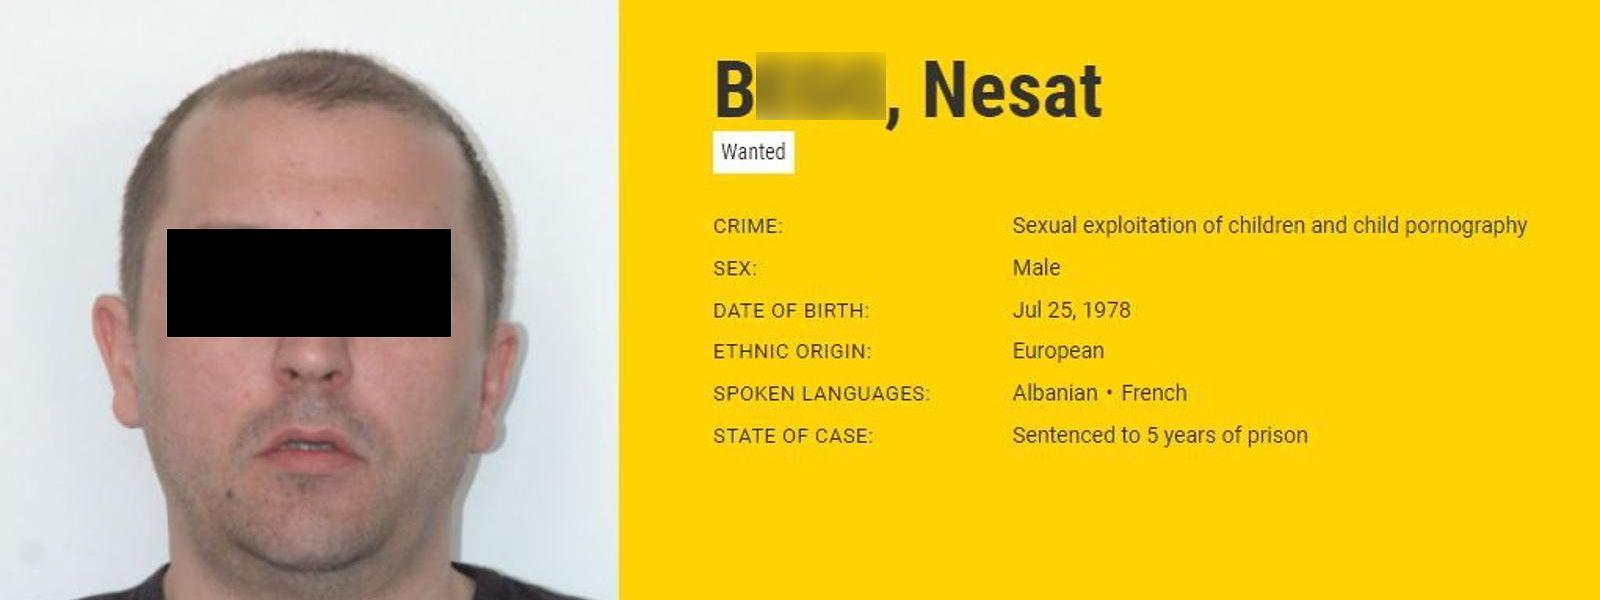 Ende Oktober 2020 war Nesat B. auf die Liste der meistgesuchten Sexualverbrecher Europas gesetzt worden.